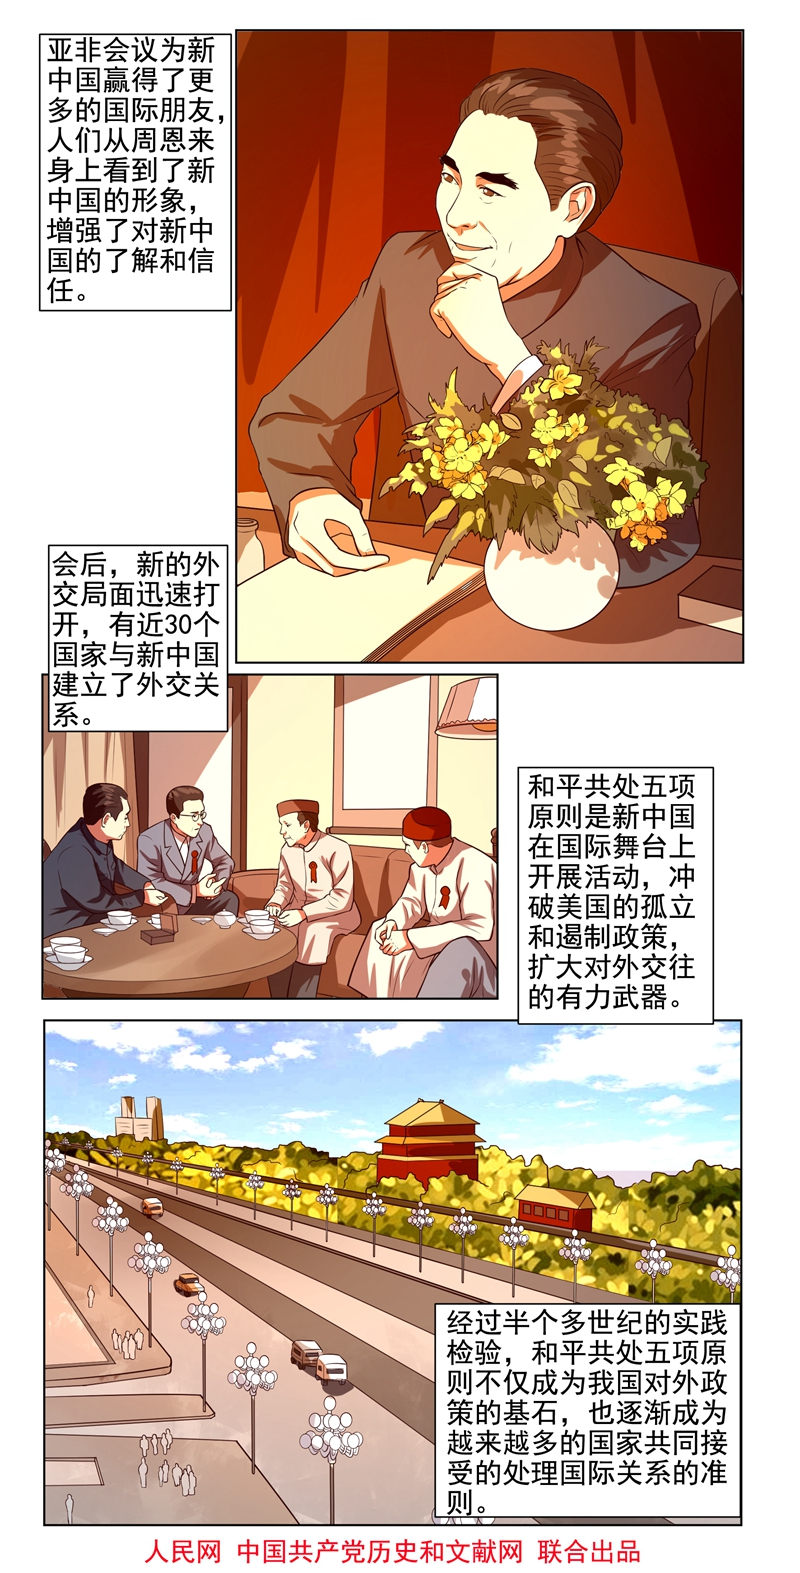 漫画新中国史:和平共处五项原则